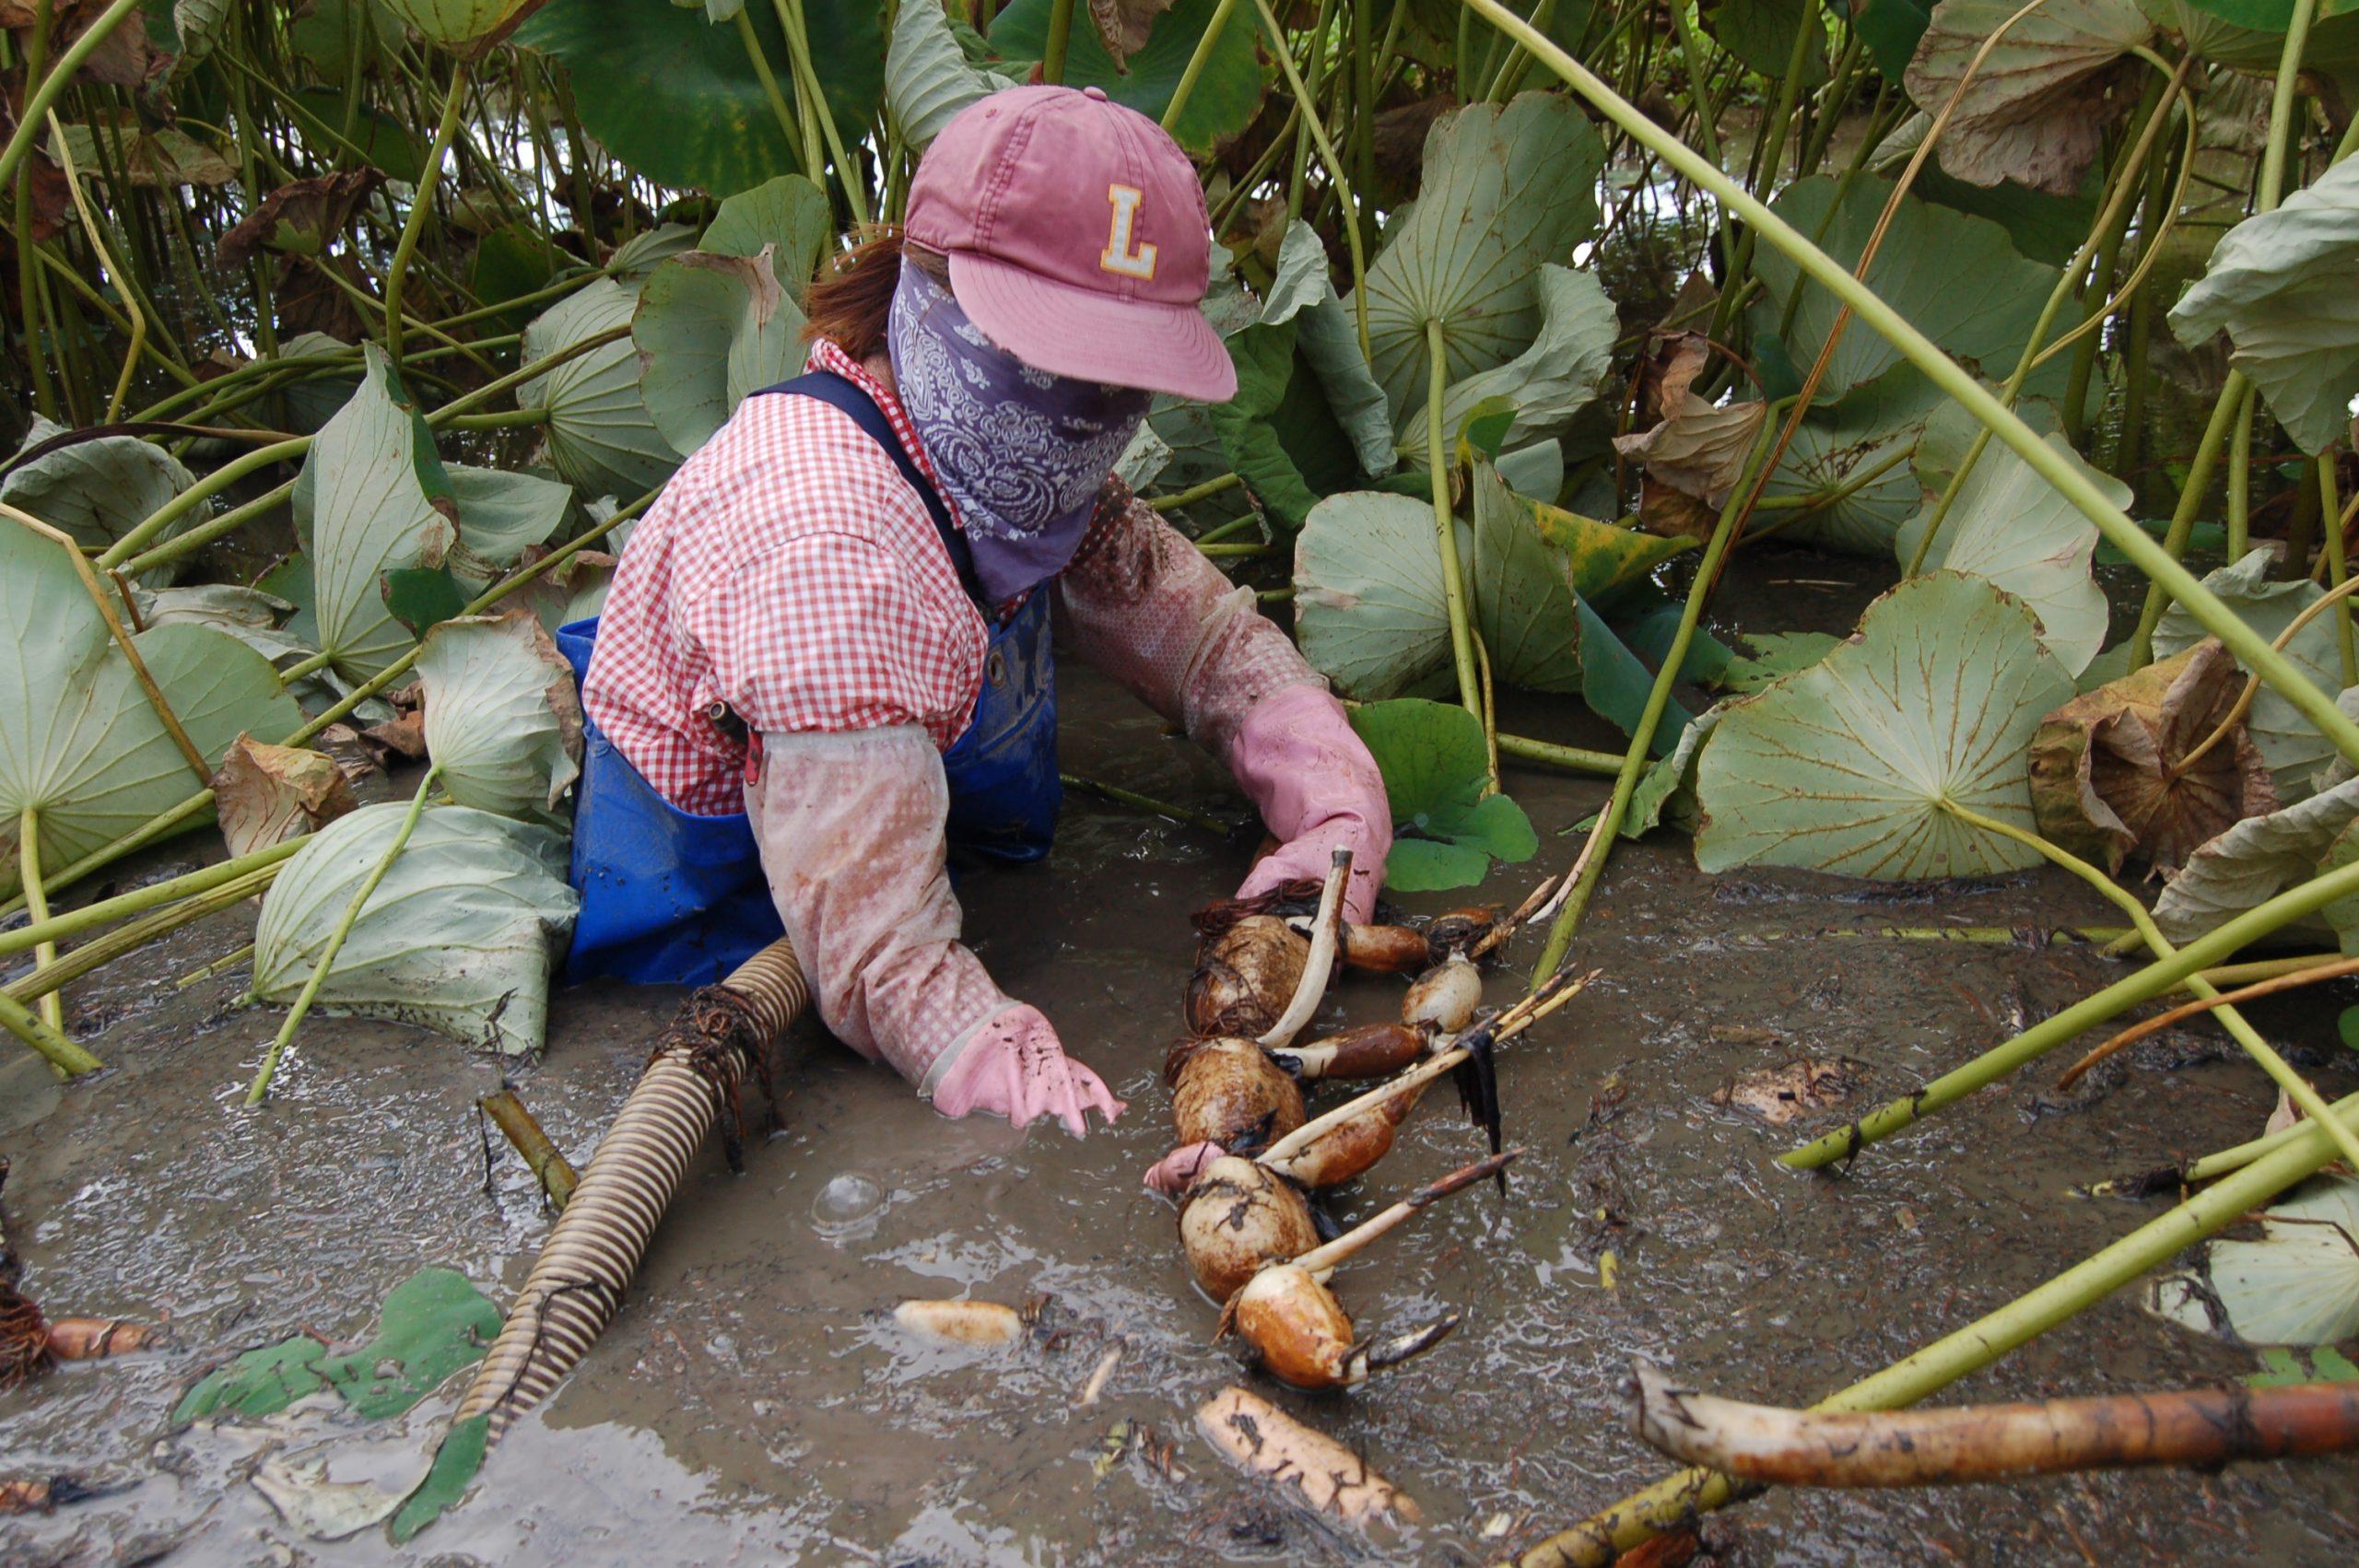 壮絶な収穫作業、泥田に咲く花に癒される